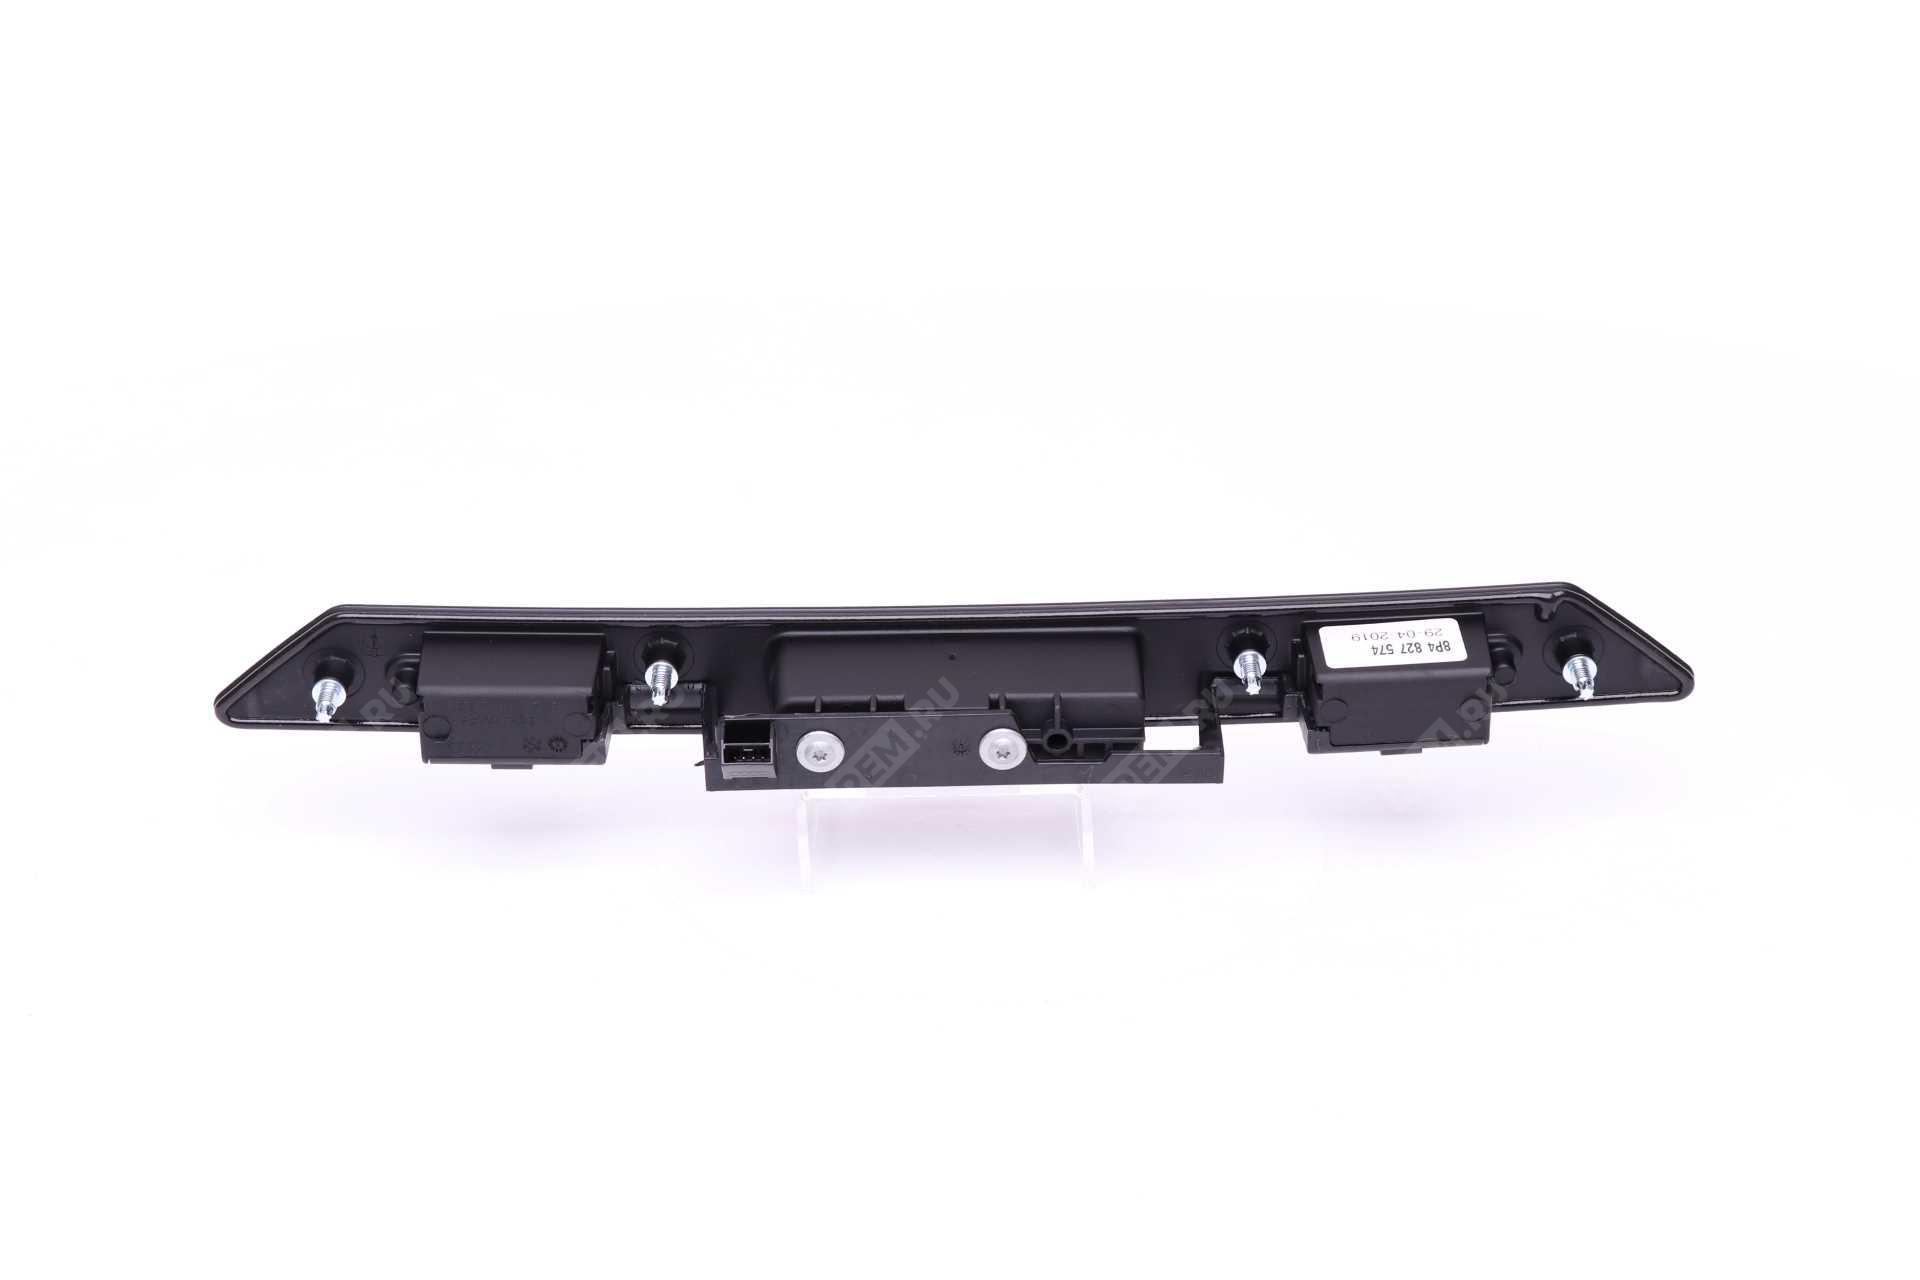 Ручка открывания крышки багажника с подсветкой номера 8P48275743FZ